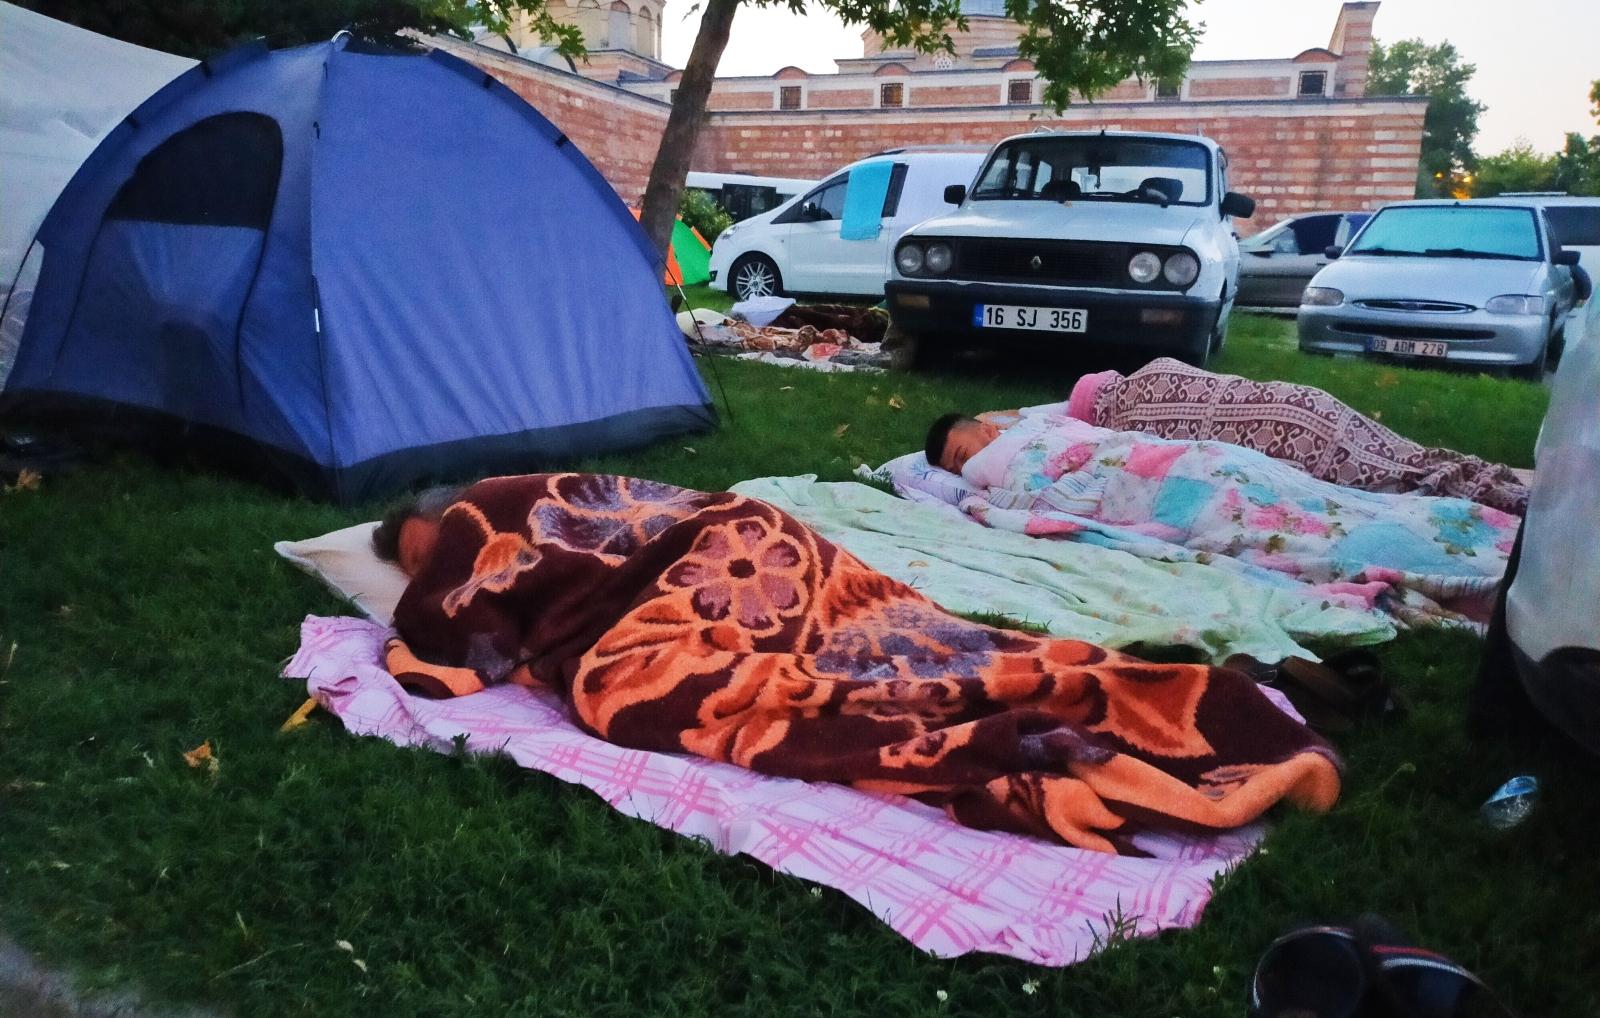 Otellerde Yer Bulamayan Güreş Sevdalıları, Meydanlarda Çadırlarda Uyudu